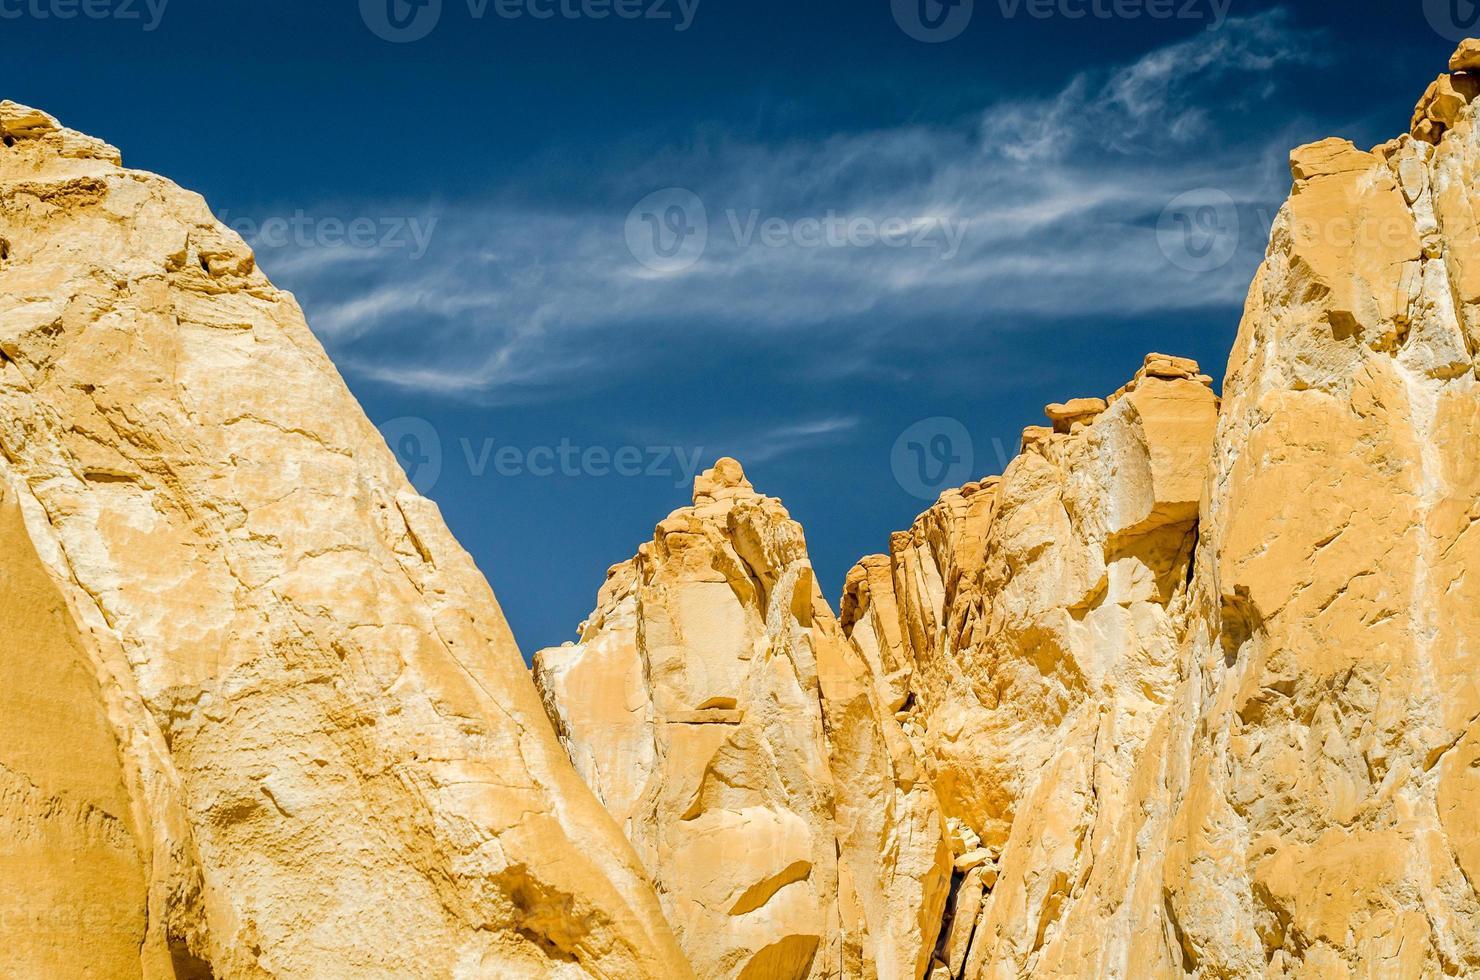 rotsformaties met blauwe lucht foto